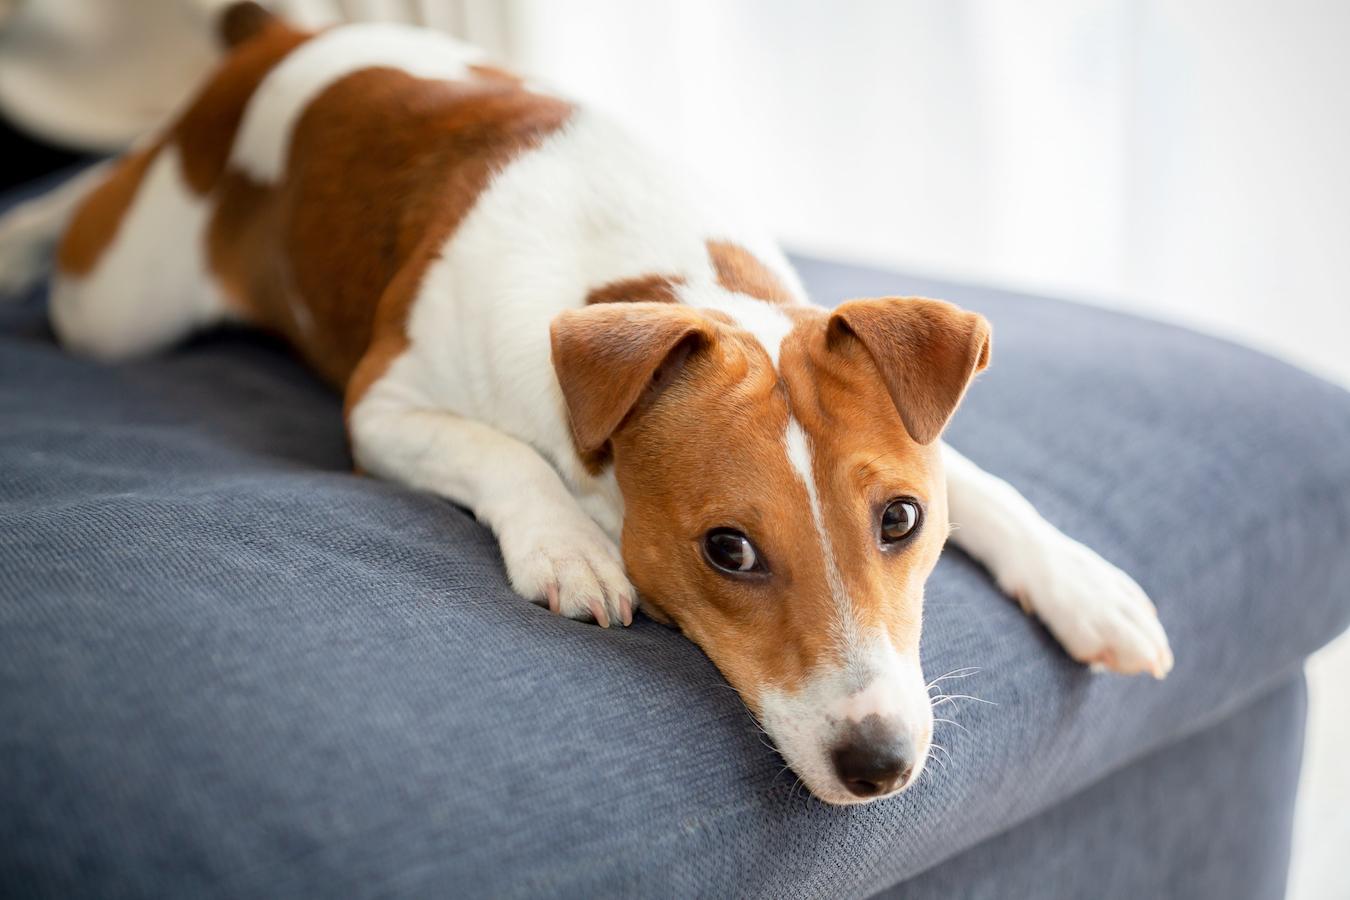 犬を飼っている家庭は「犬税」がかかる